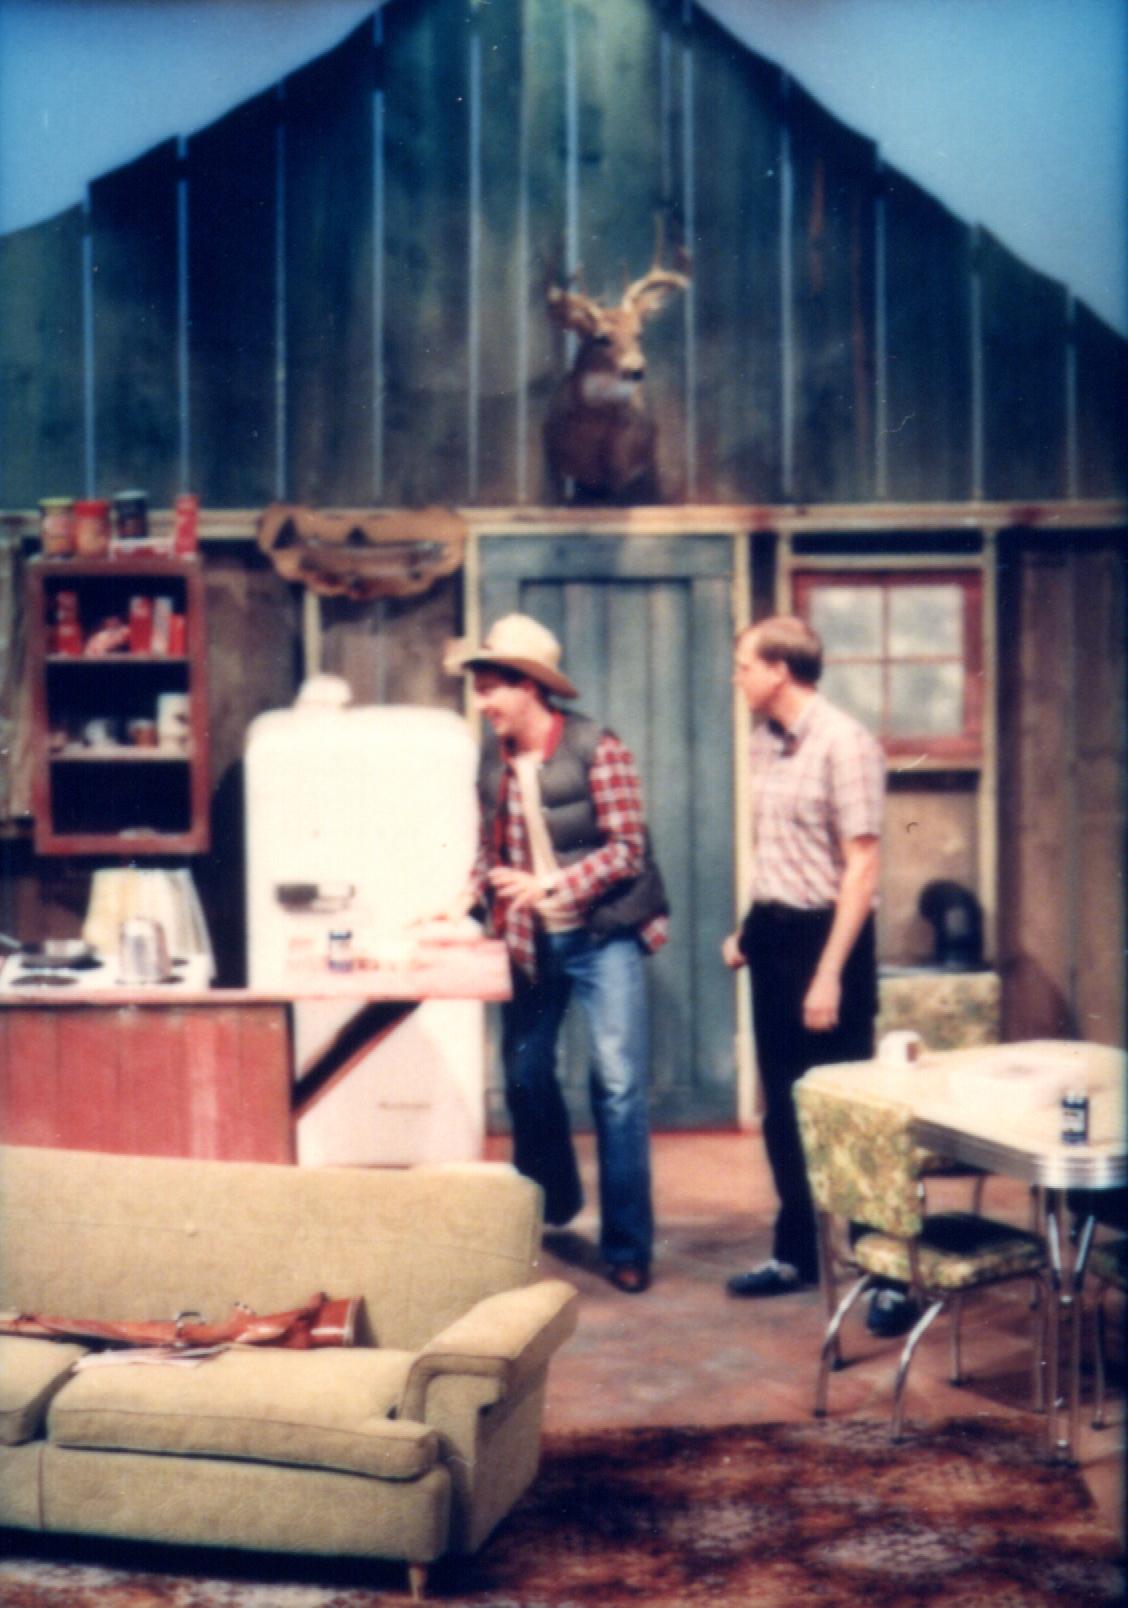 Melville Boys (September 1986) Production Image 2.jpg